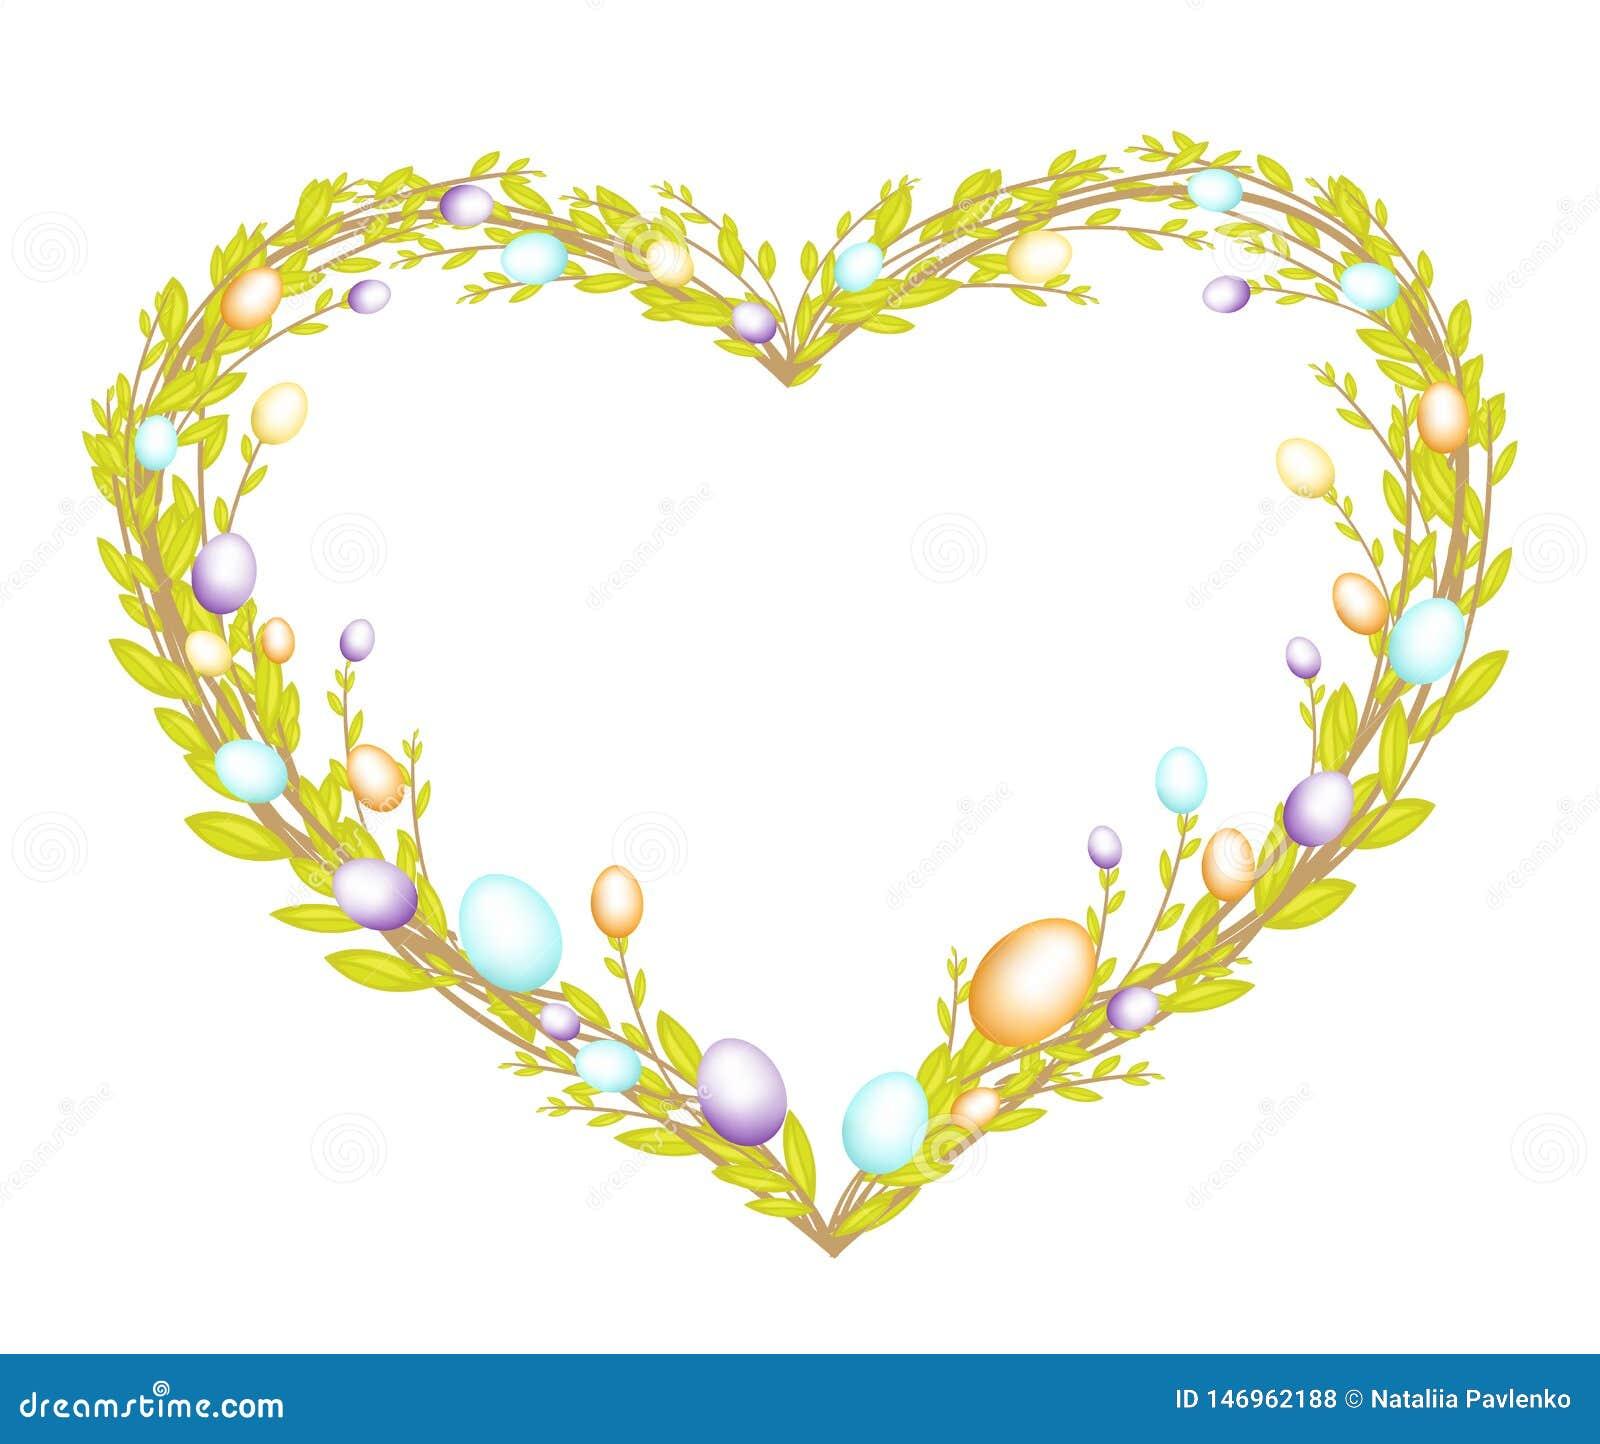 Διαμορφωμένο καρδιά στεφάνι που γίνεται από τους νέους κλάδους ιτιών Διακοσμημένος με χρωματισμένα τα Πάσχα αυγά Το σύμβολο Πάσχα